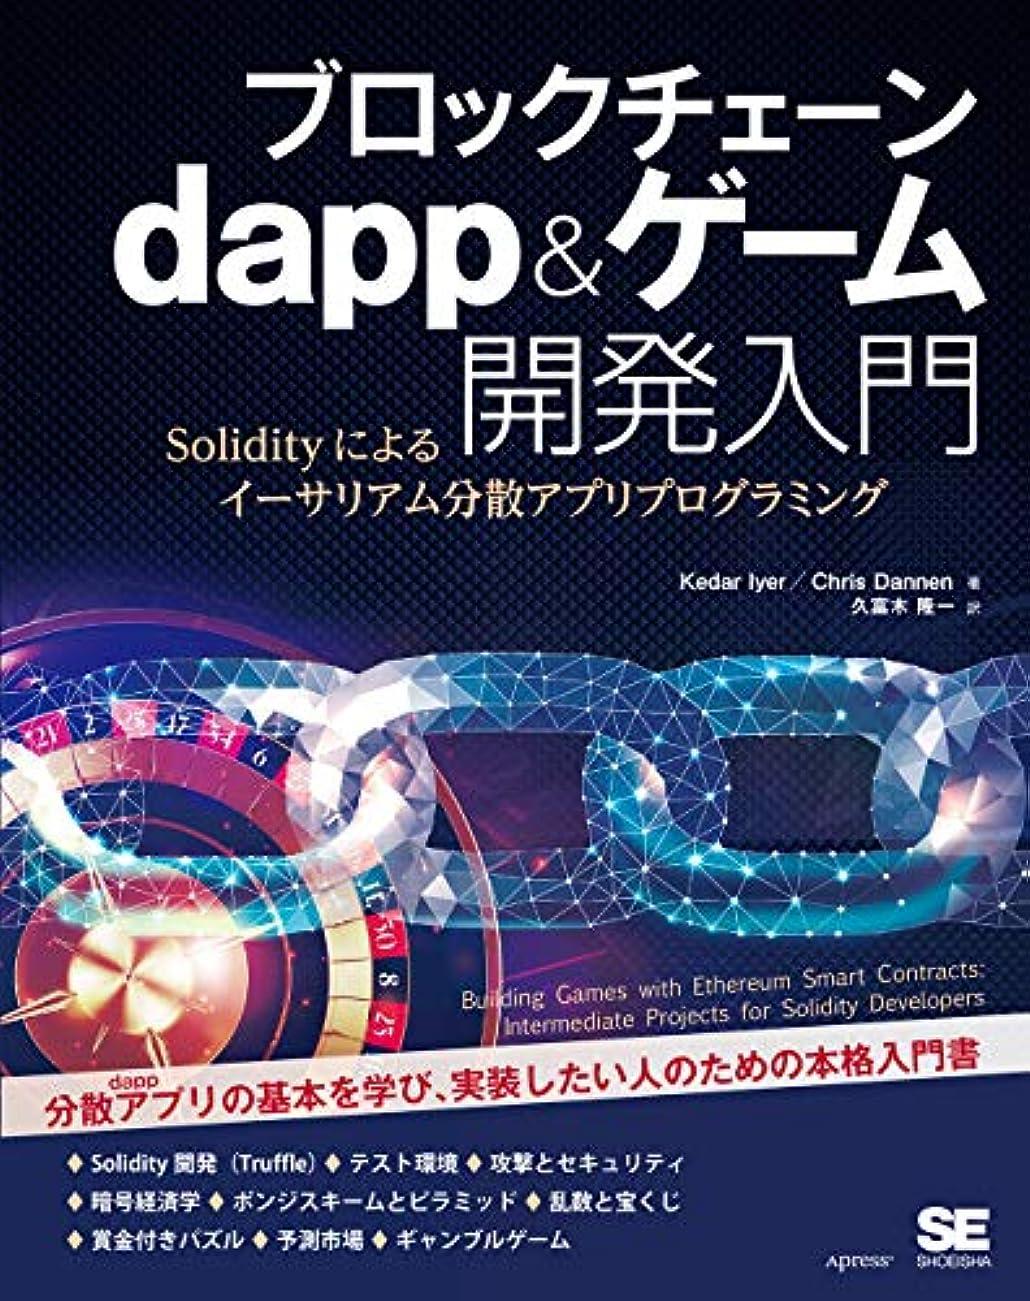 ギネス改善する傑作ブロックチェーン dapp&ゲーム開発入門 Solidityによるイーサリアム分散アプリプログラミング